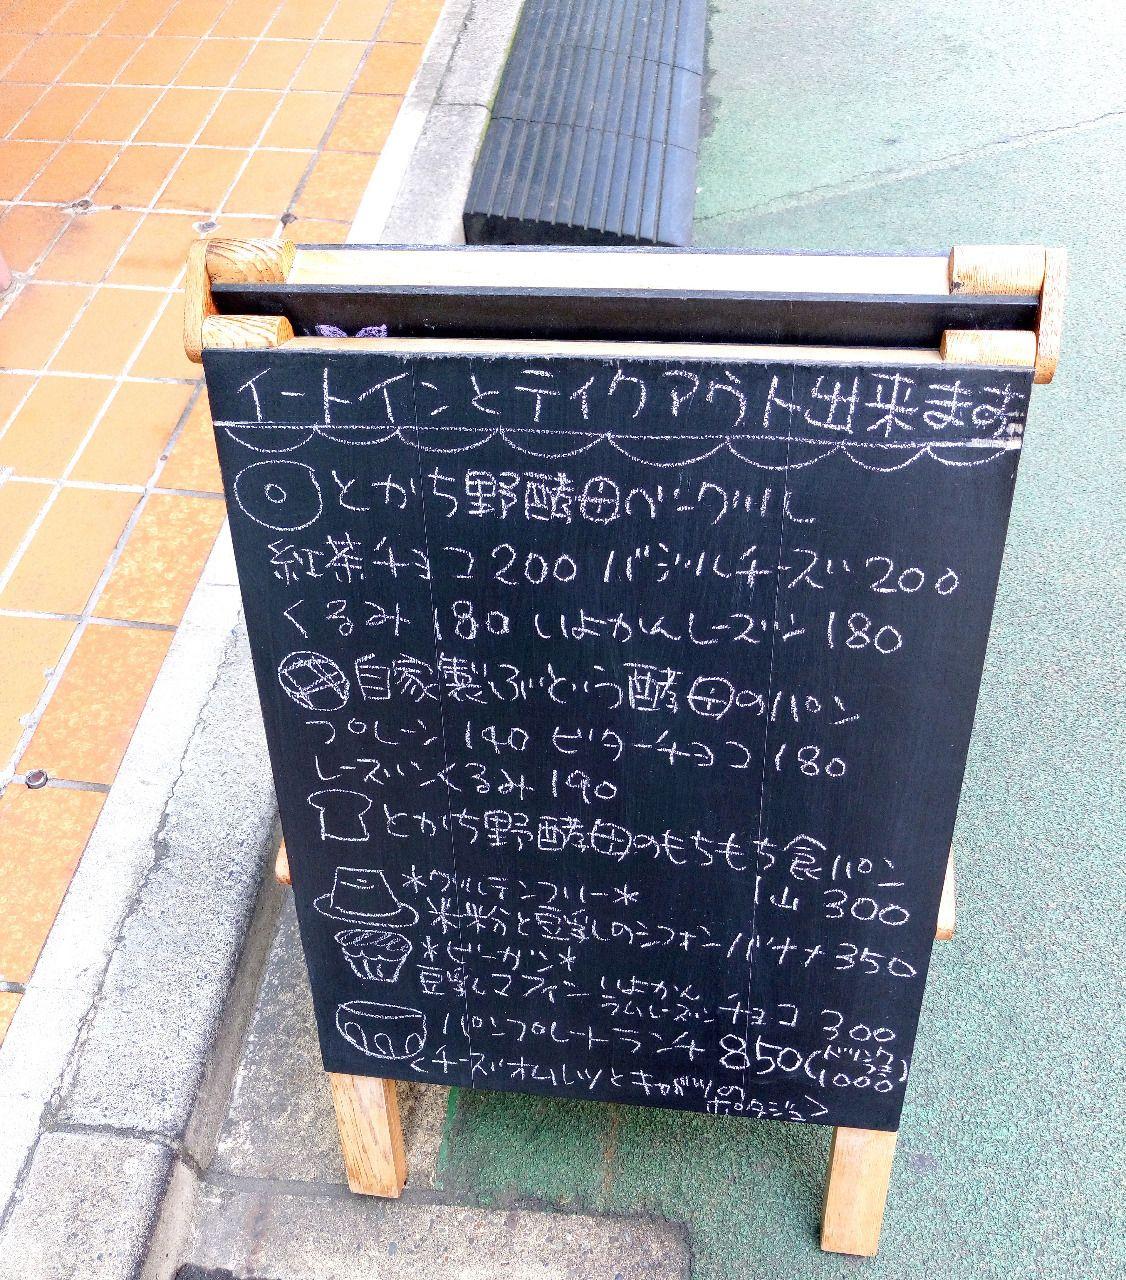 三鷹南口3分の可愛らしいカフェ